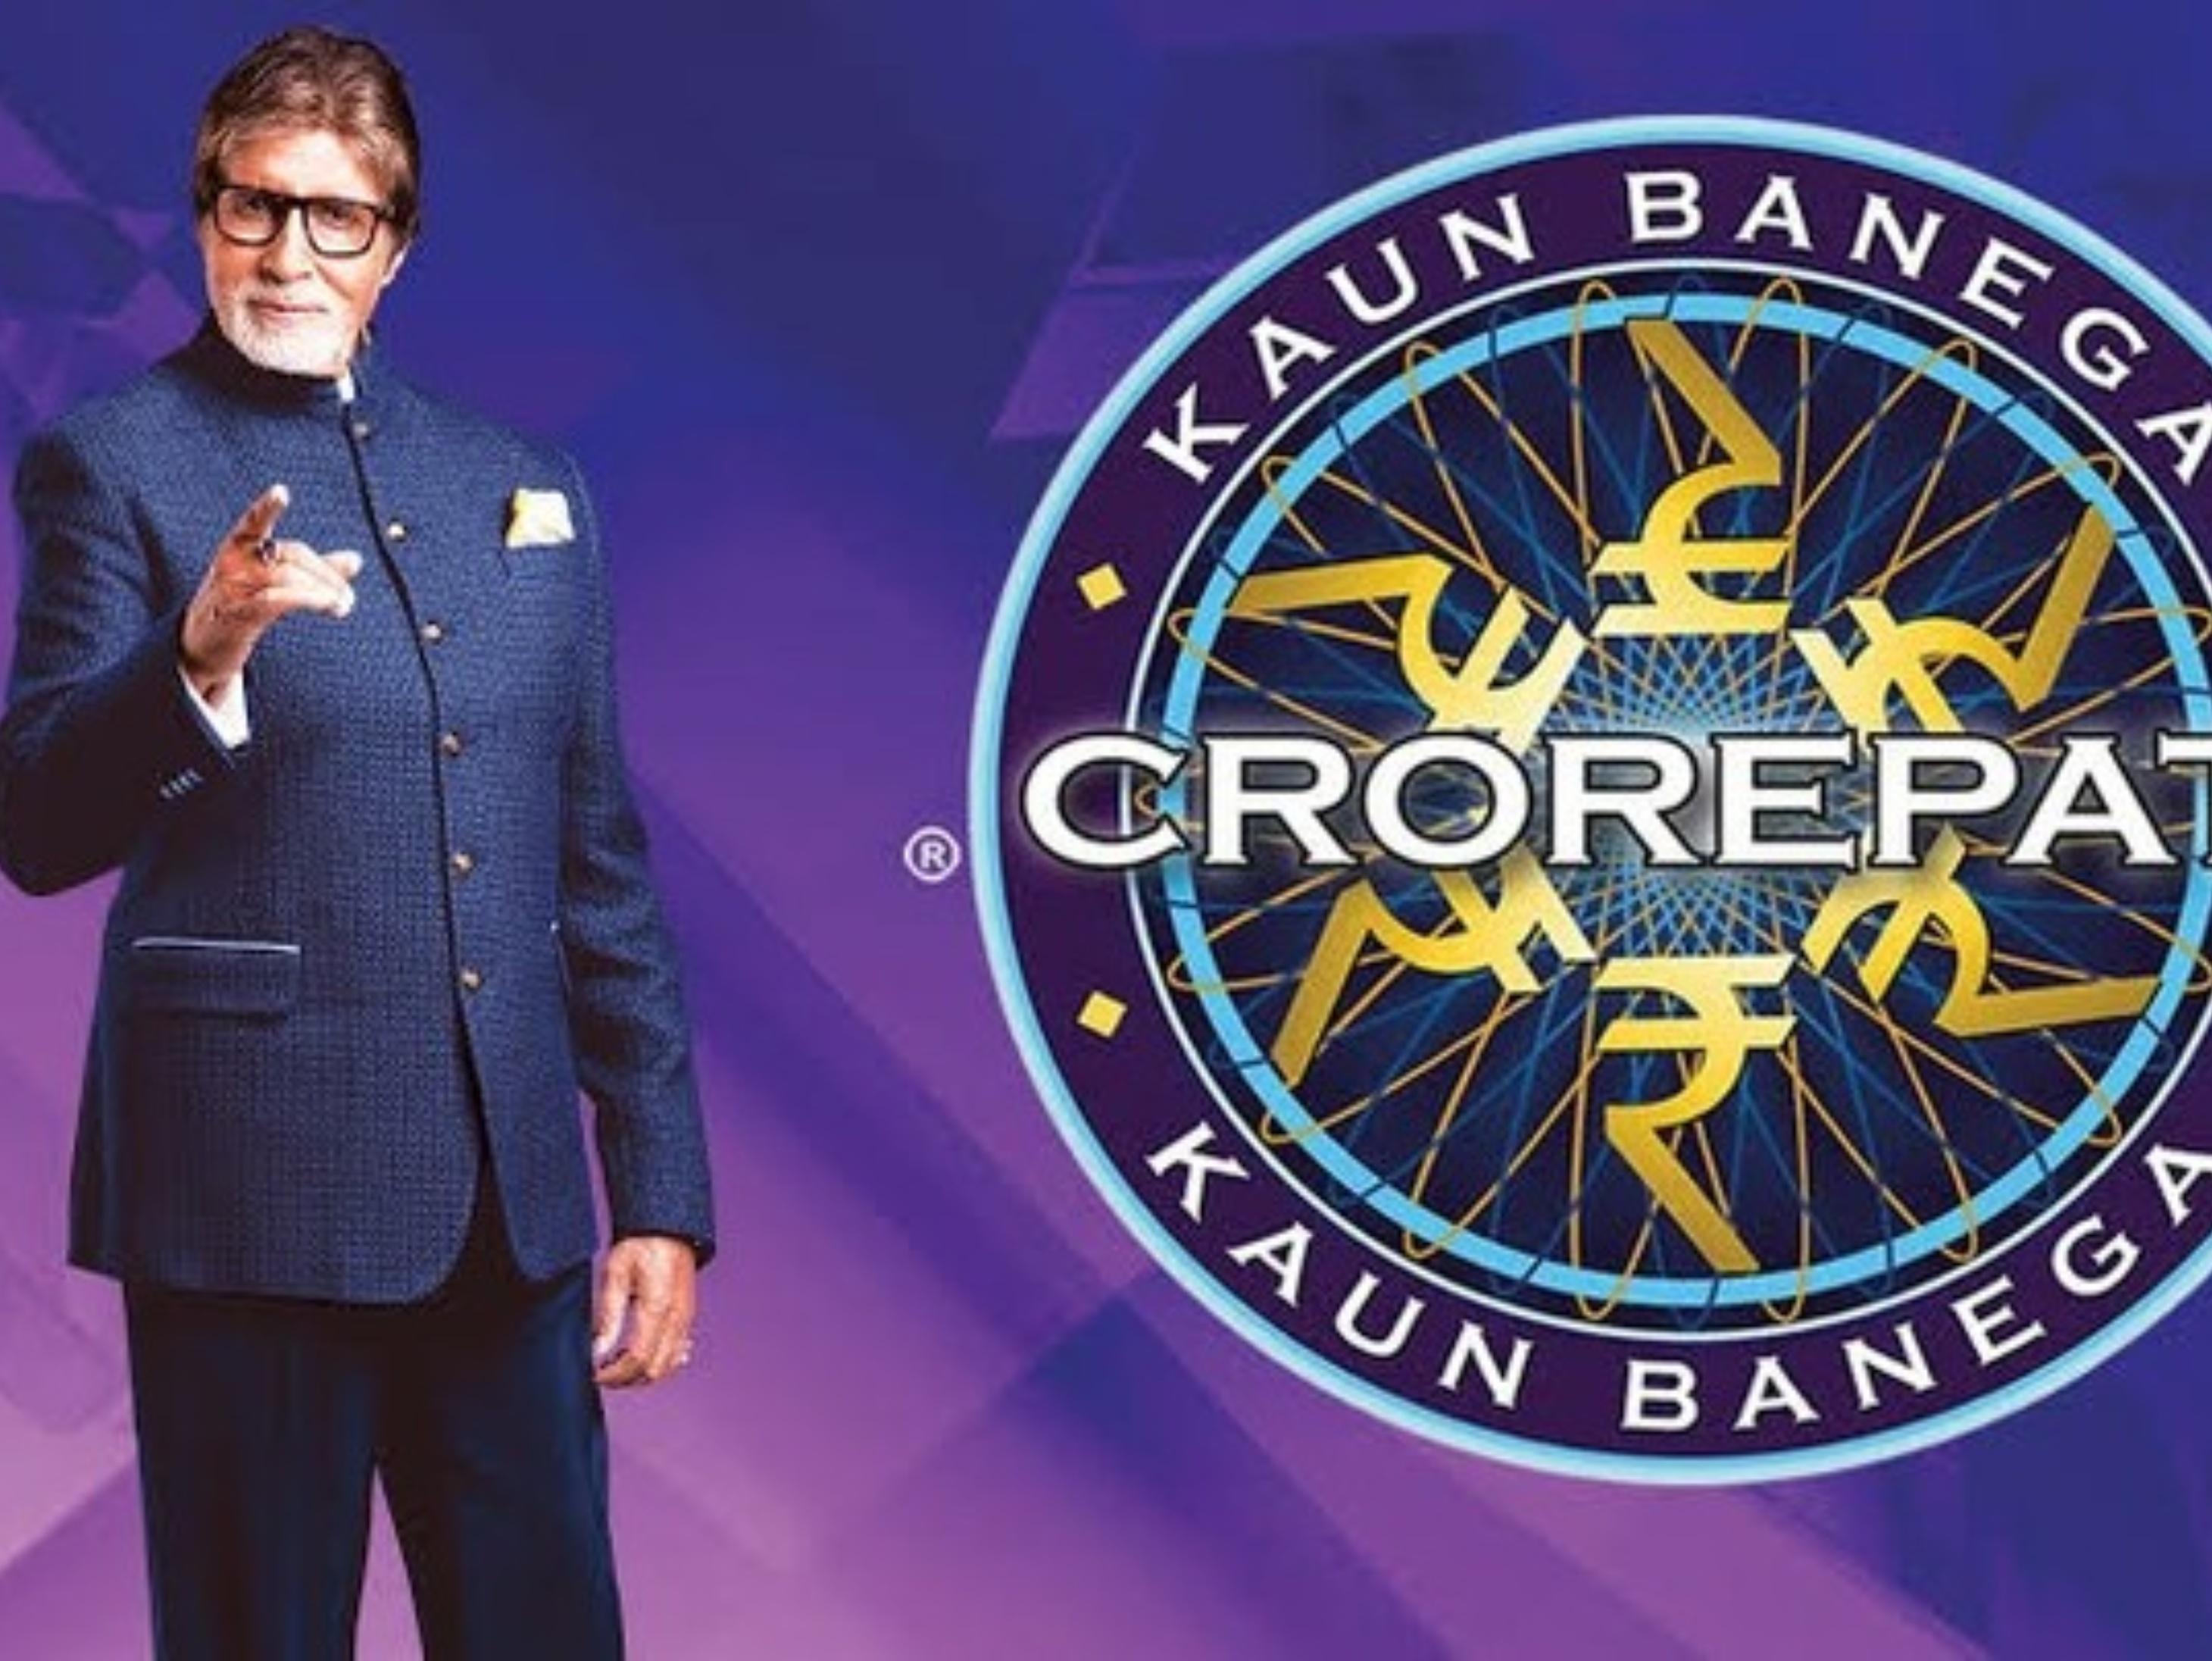 अमिताभ बच्चन ने बताया 'कौन बनेगा करोड़पति' के लिए कोशिश सबसे जरूरी, 10 मई से शुरू हो रहा है नए सीजन का रजिस्ट्रेशन|टीवी,TV - Dainik Bhaskar